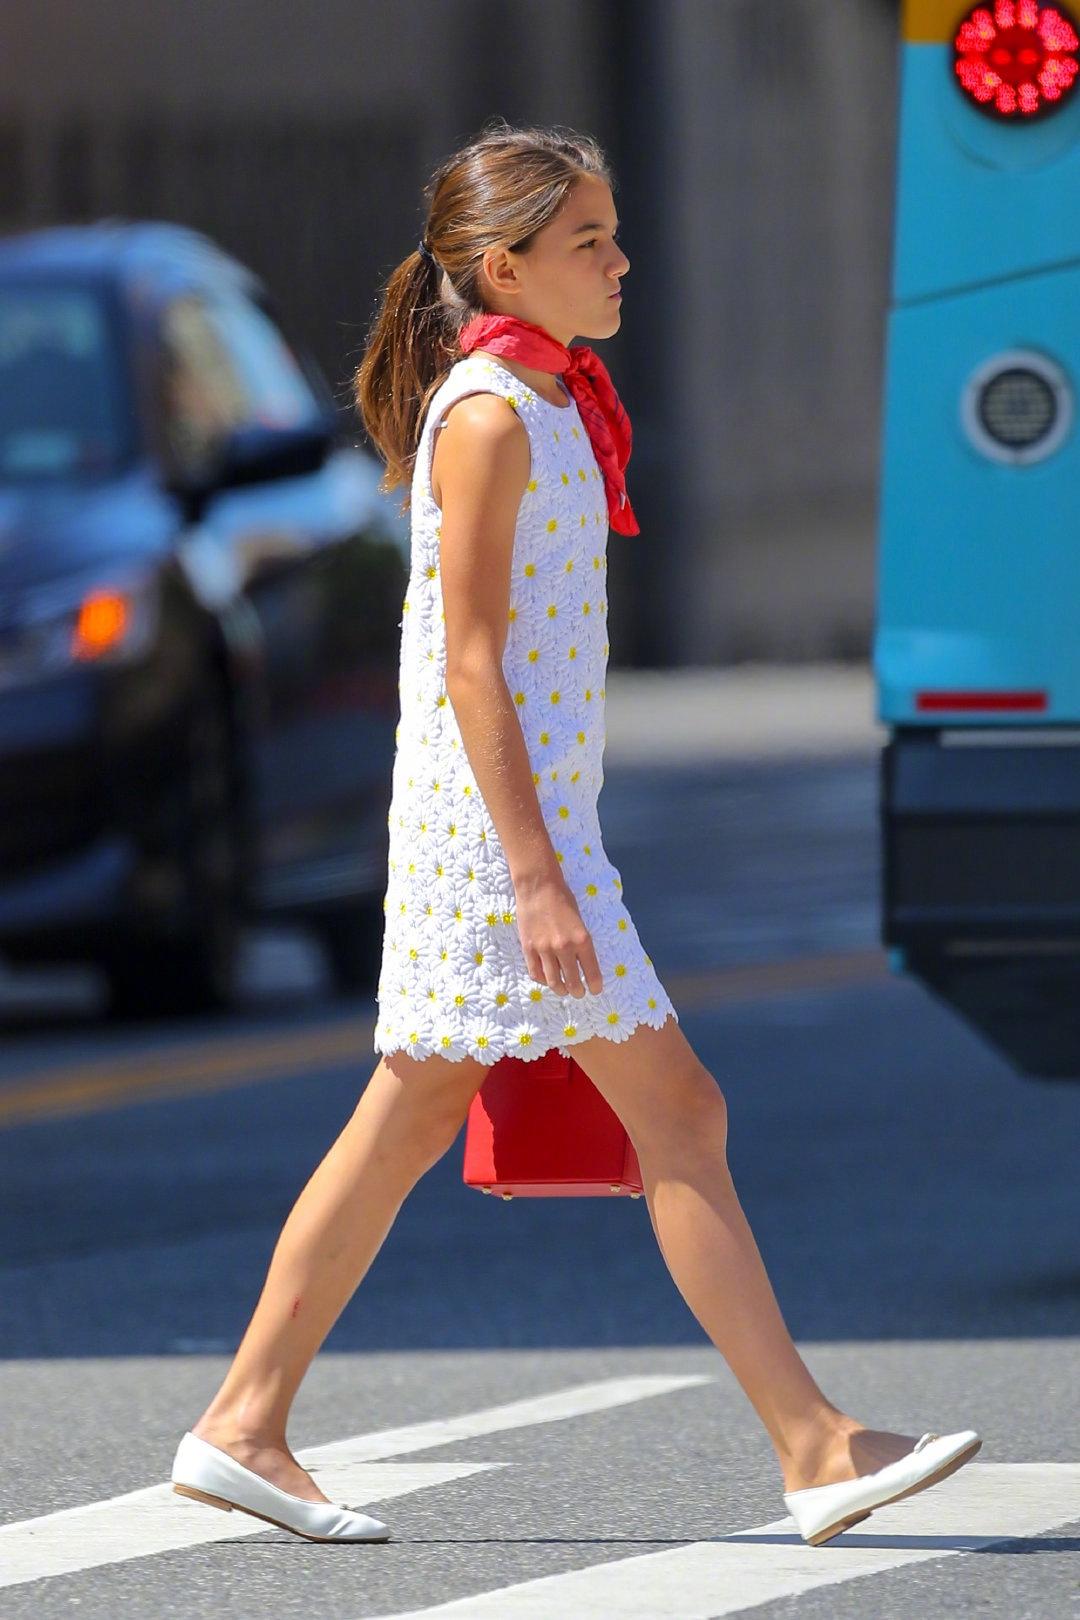 阿汤哥13岁女儿小苏瑞出街,短裙配红丝巾法式小清新,长相太像妈